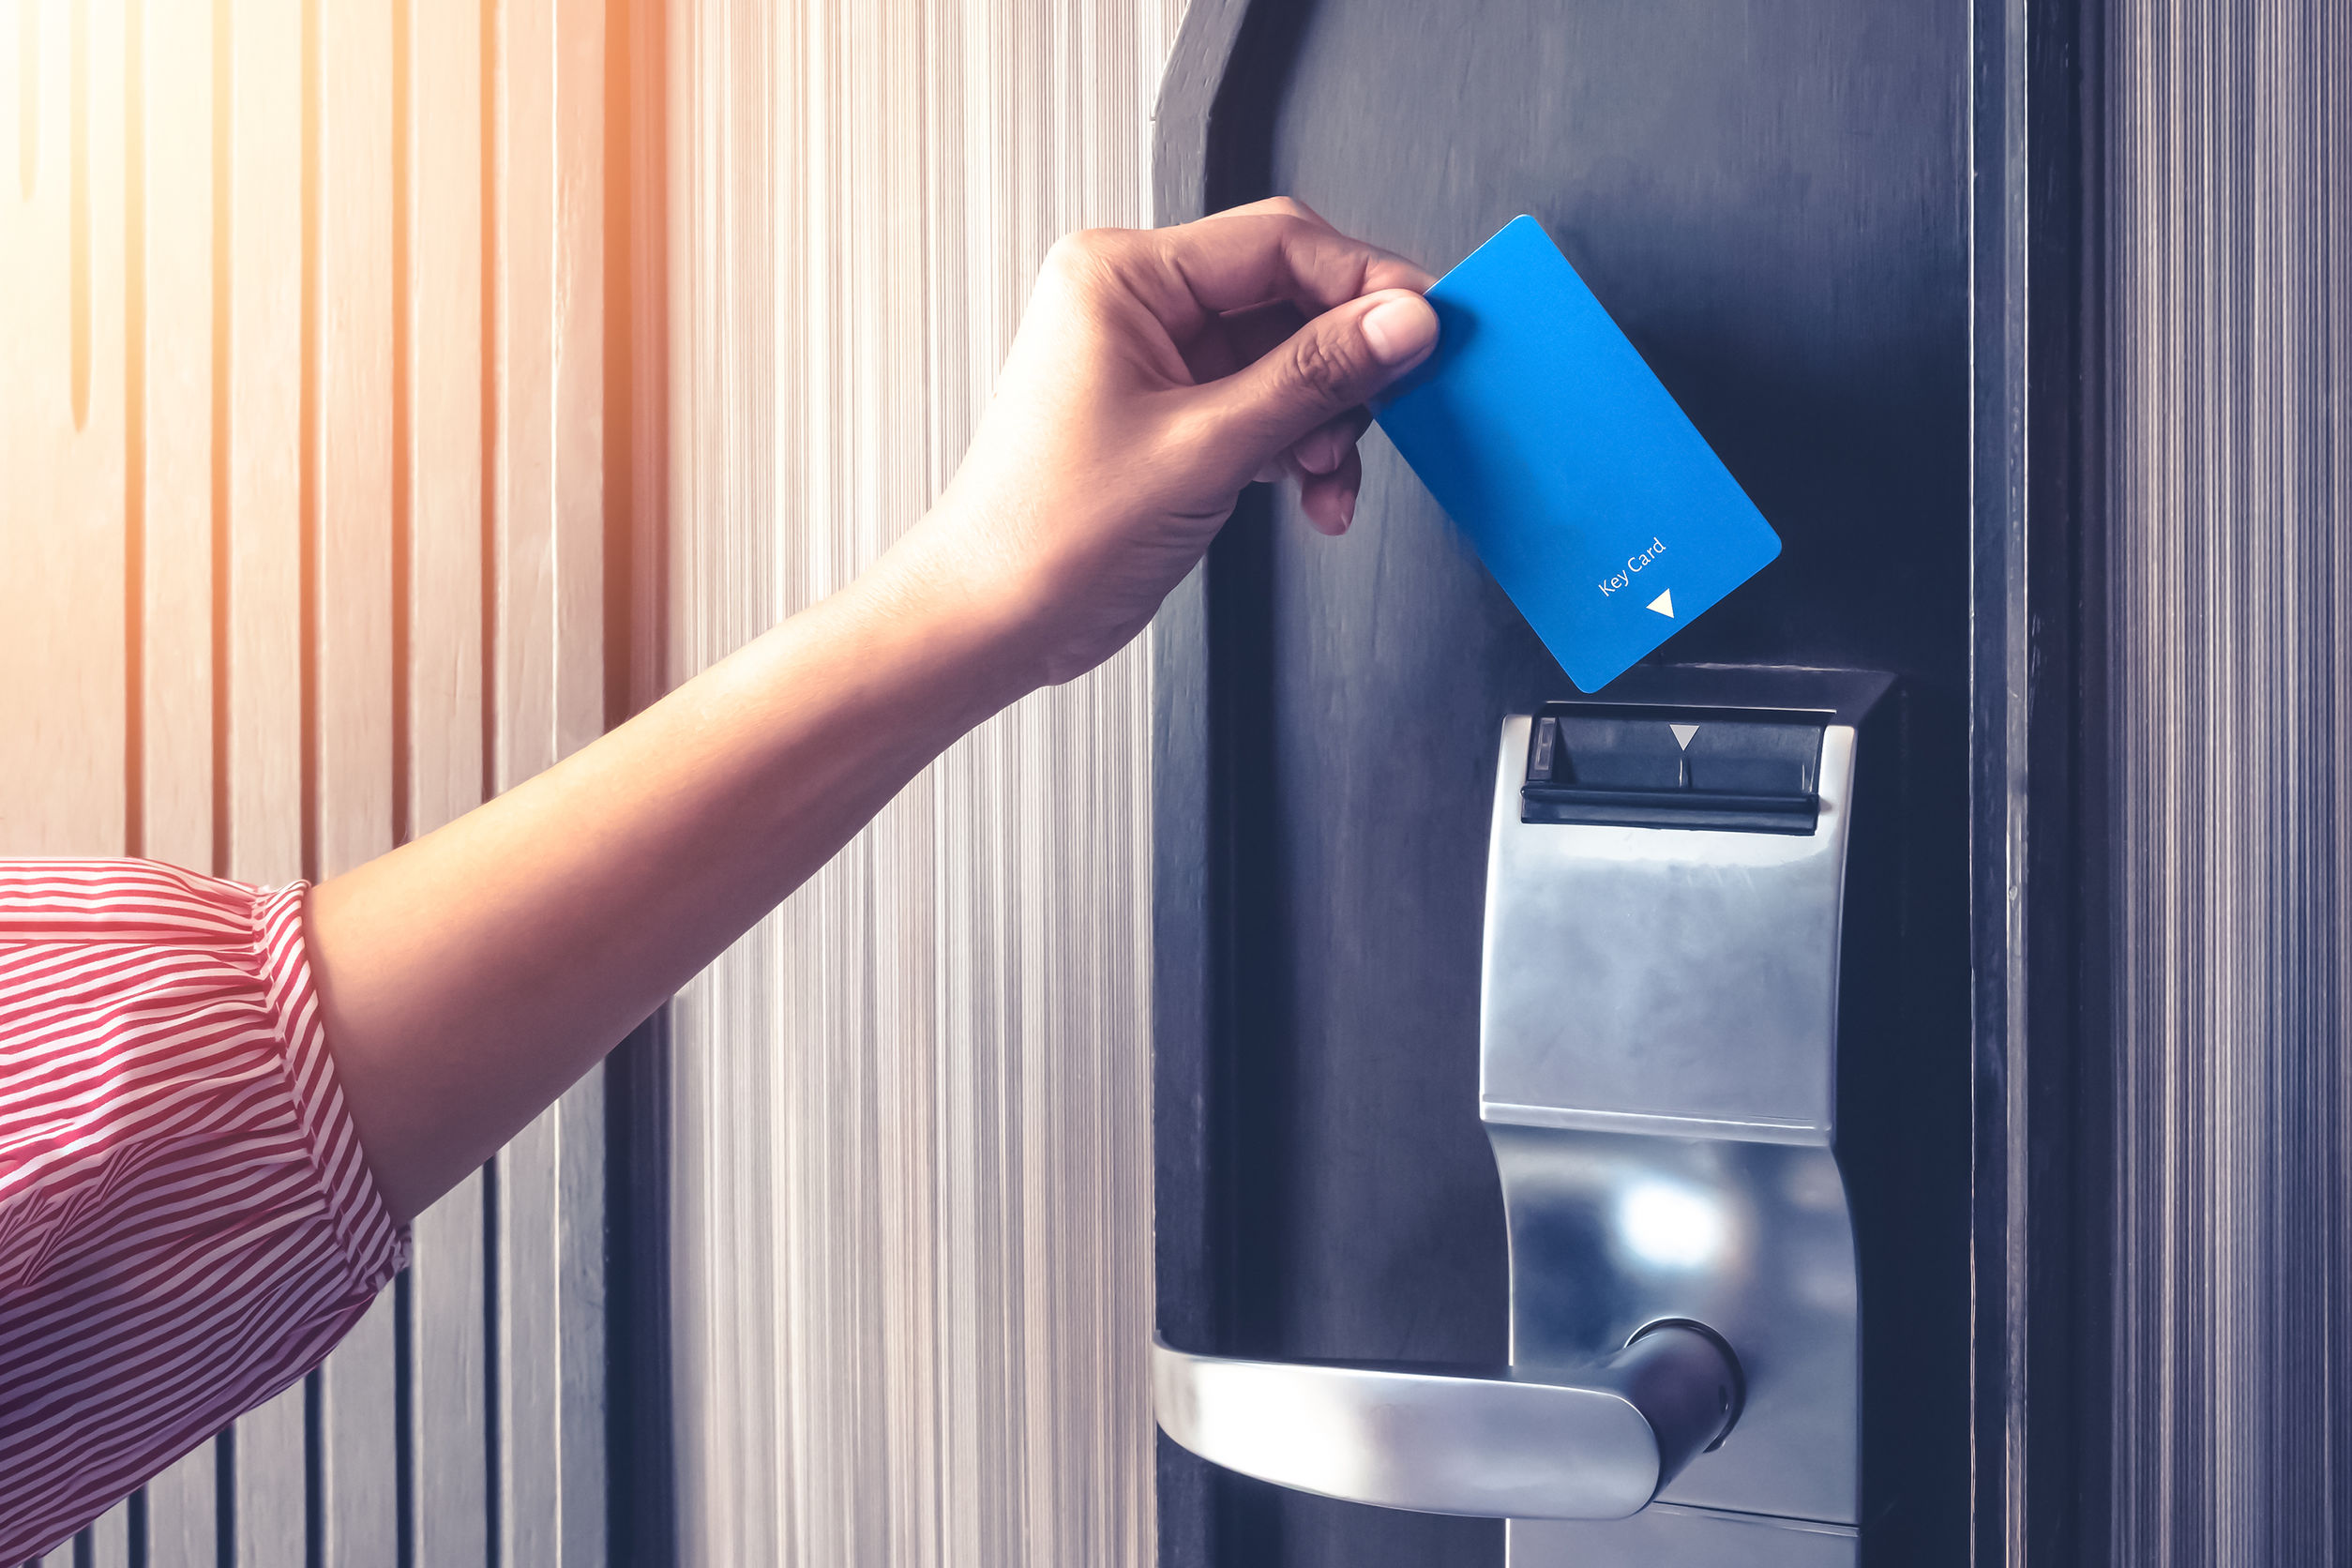 Frau steckt Chipkarte in ein Chipkartenlesegerät